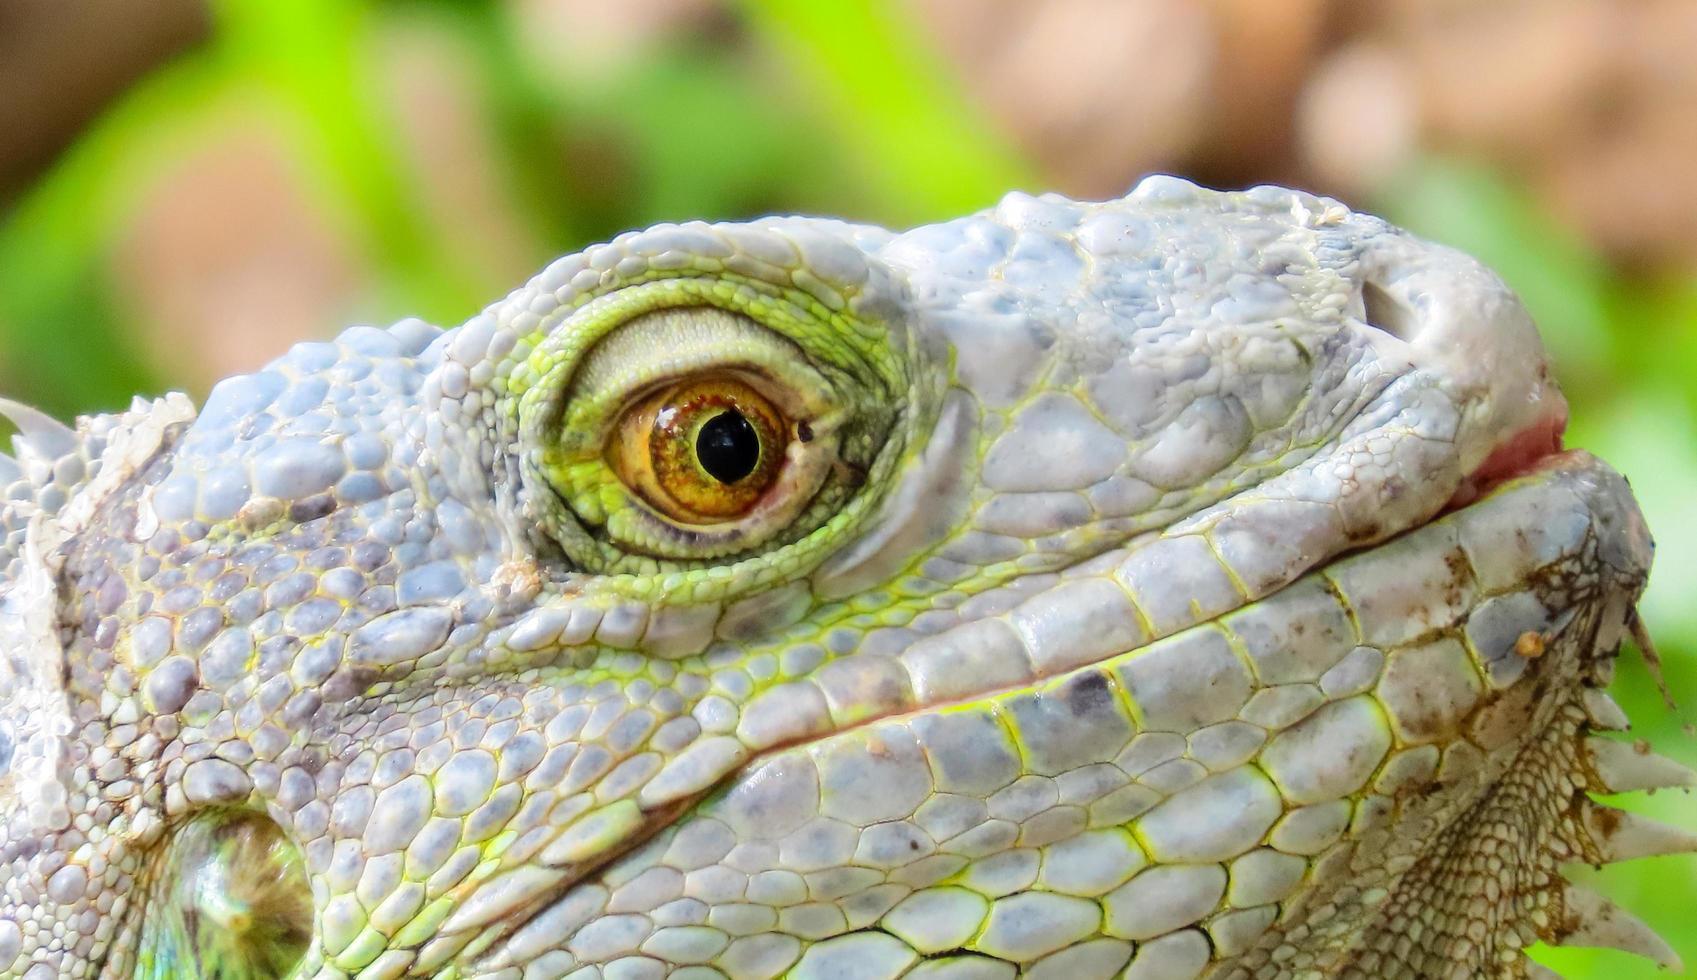 primer plano de los ojos de una iguana foto